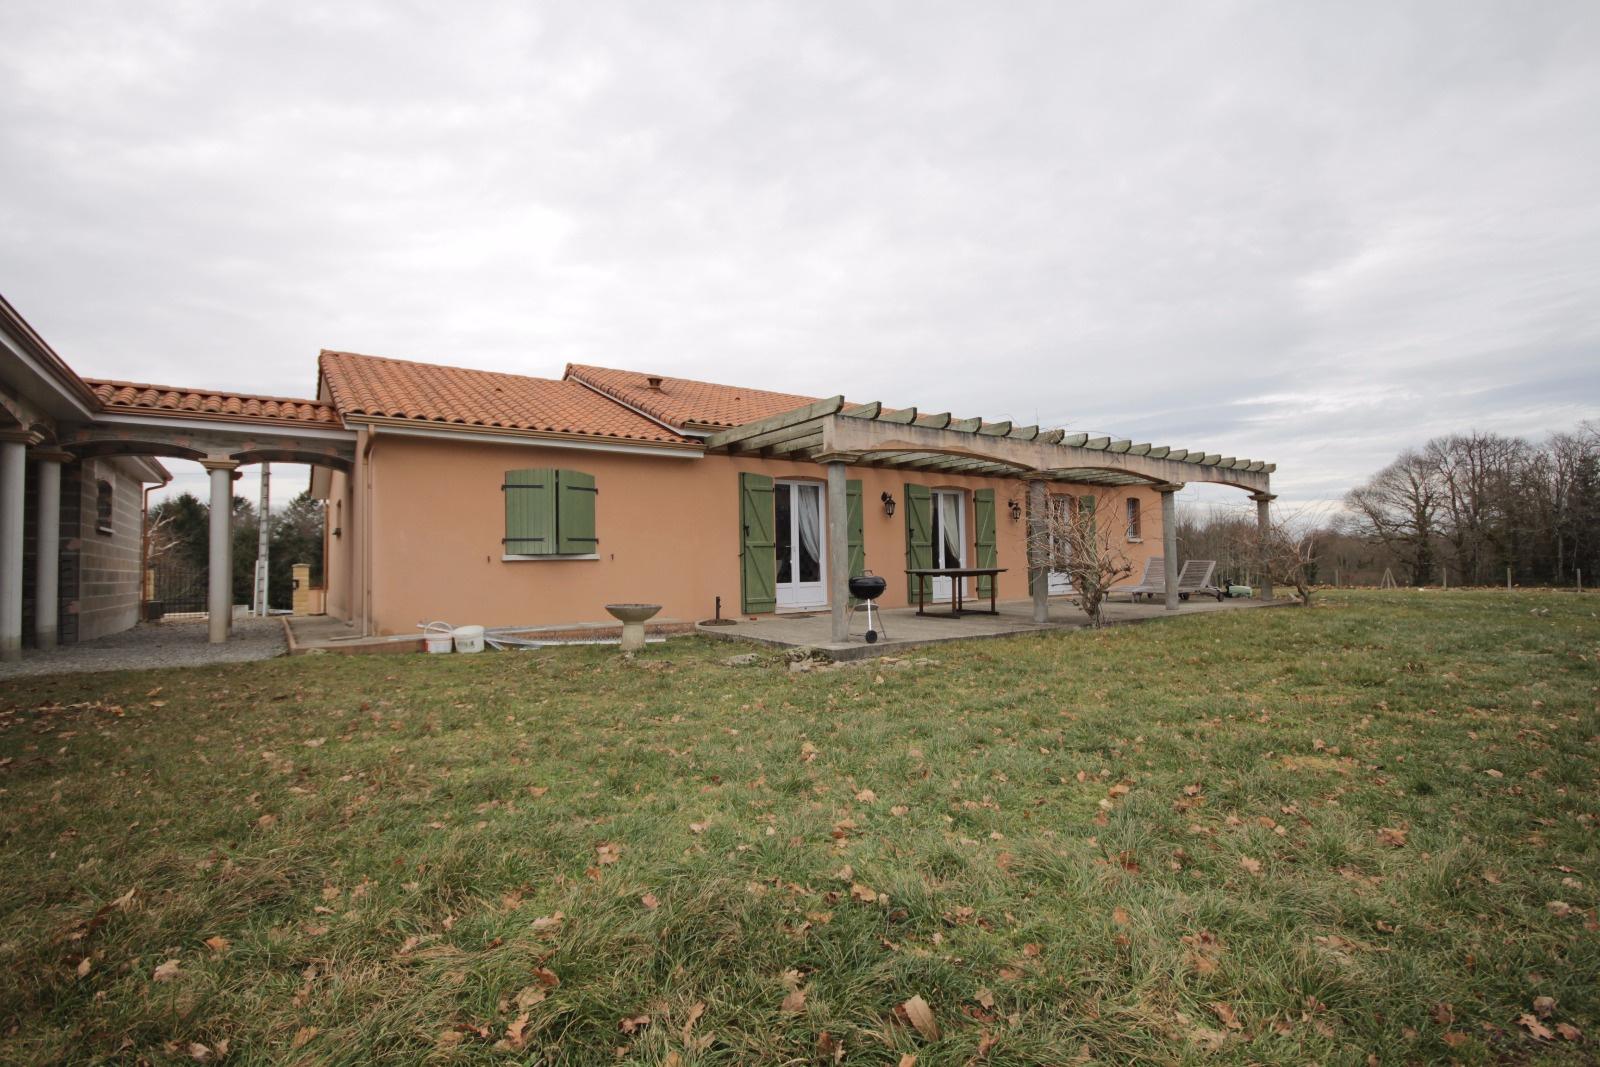 Vente maison de plain de pied avec agrandissement for Agrandissement maison 28